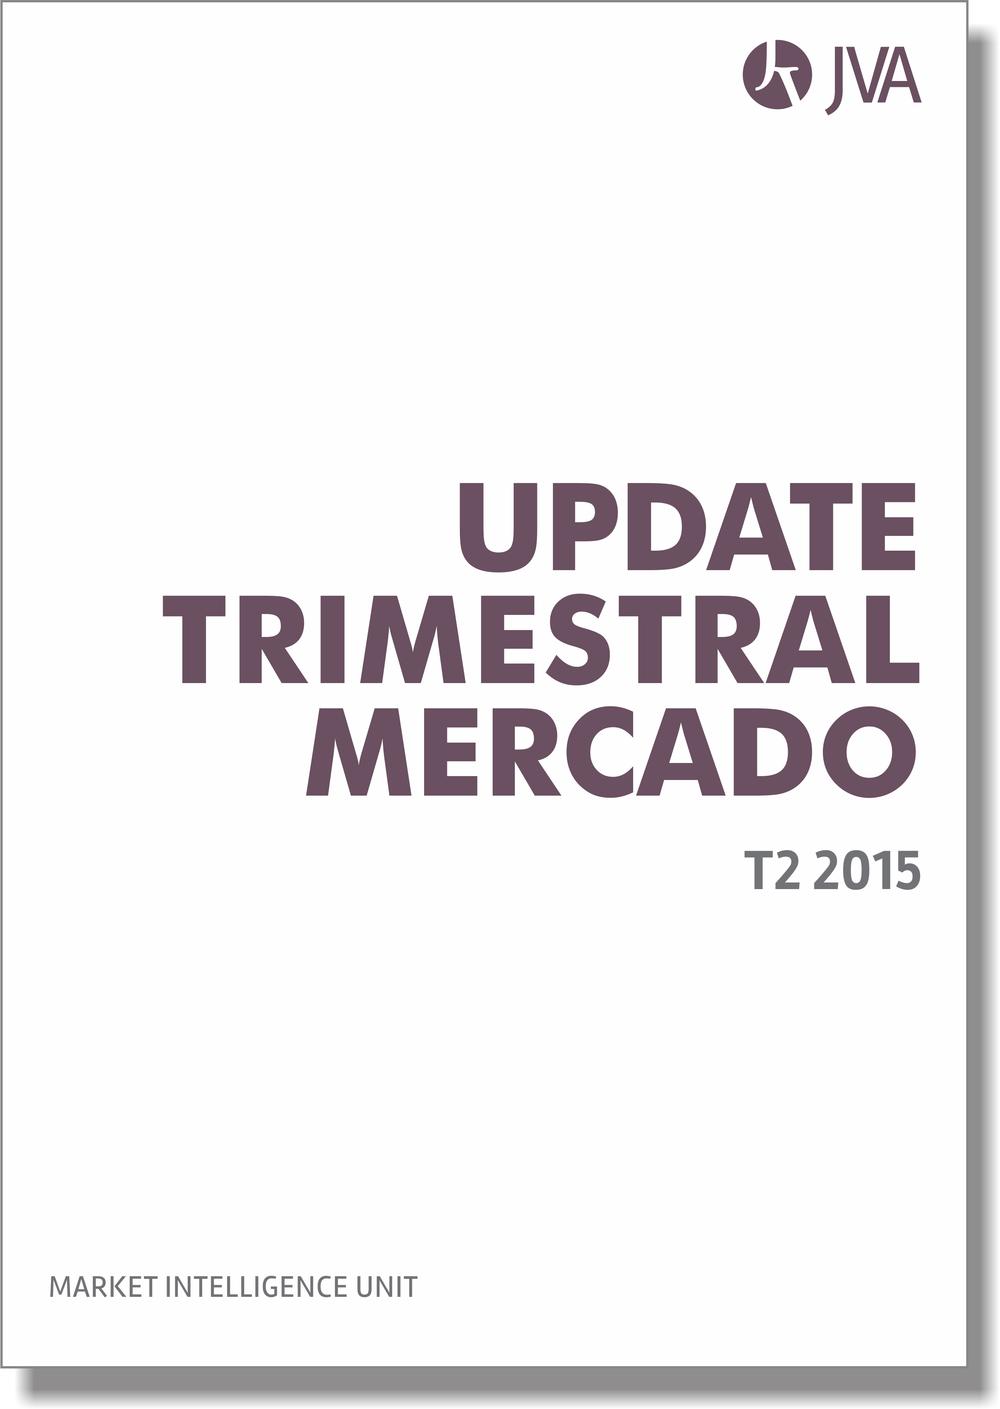 011_caratula_TRISMESTRAL_T22015.png